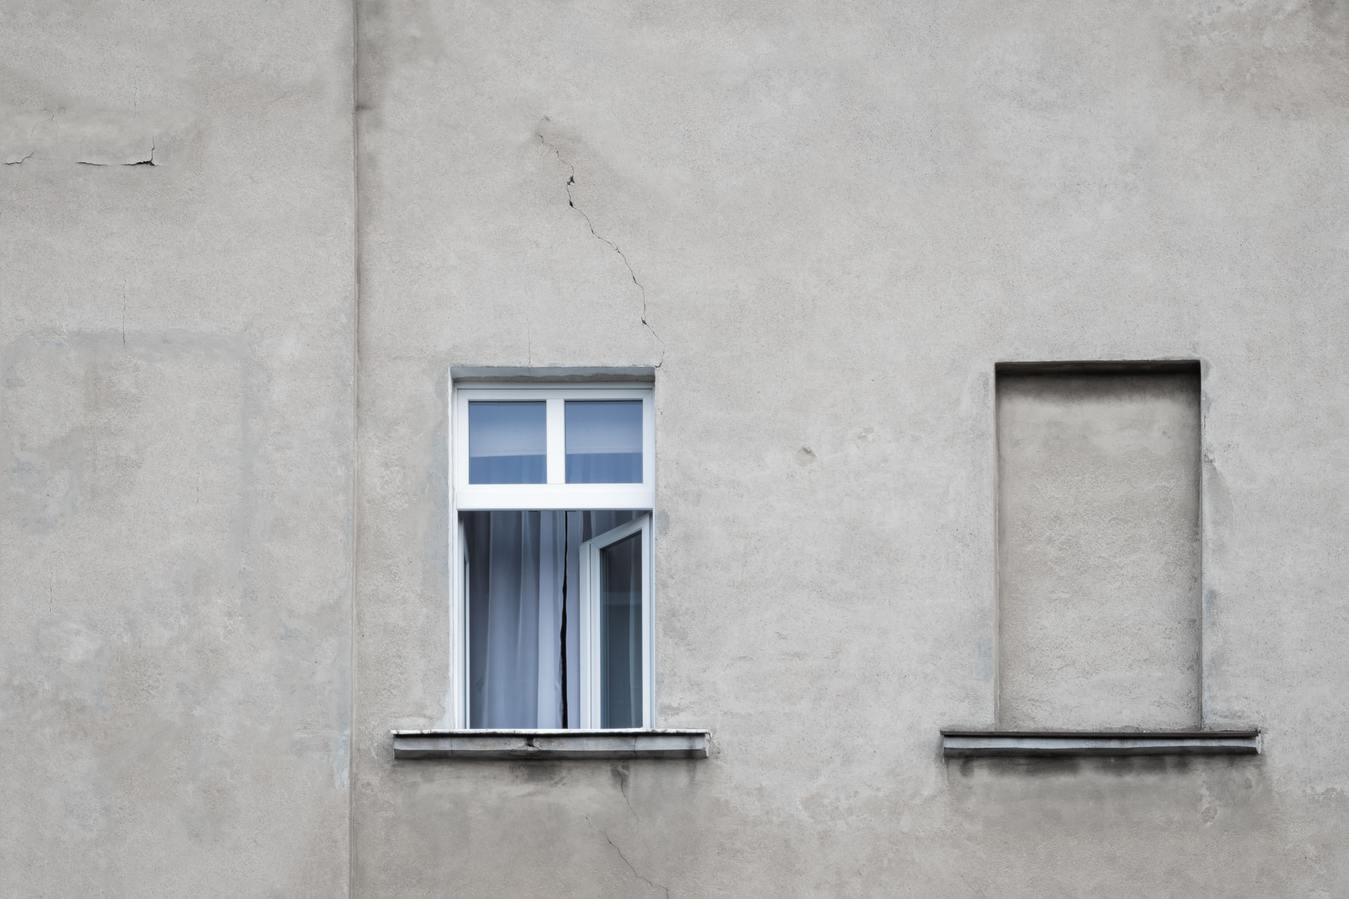 bức tường xám với một khung cửa nhựa